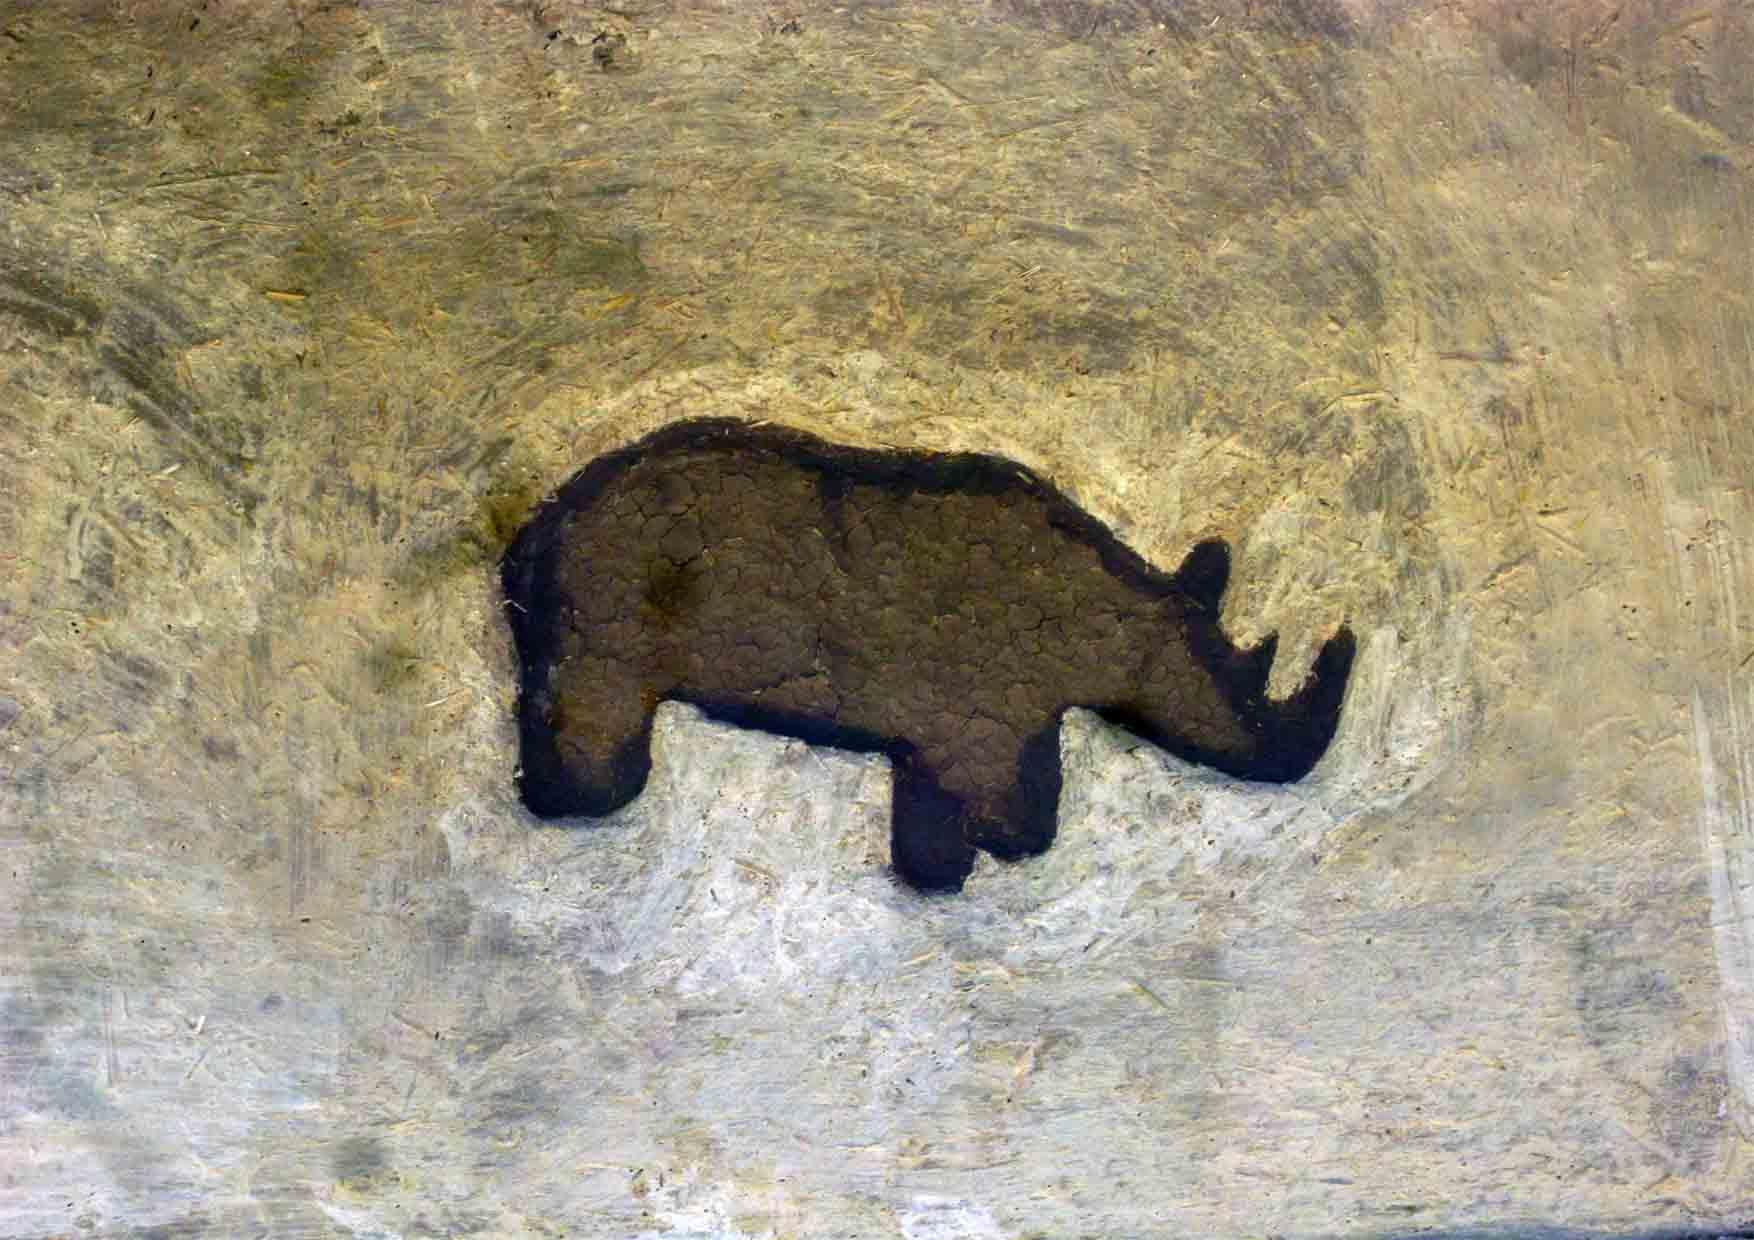 75 Draca radionica jun 2015 Dan 7 Smiljin nosorog